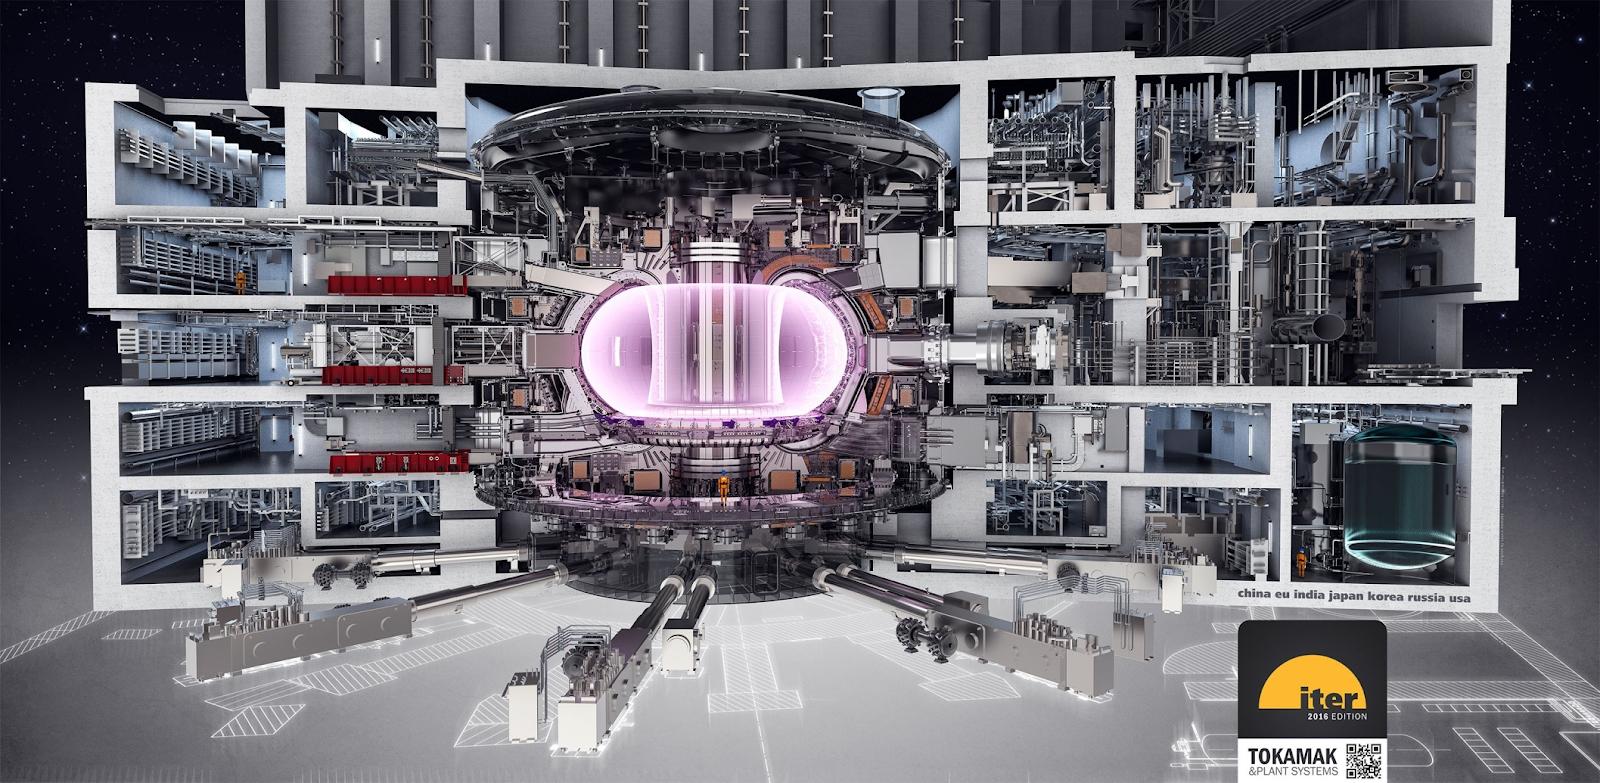 Когда будет термояд: 500-мегаваттный проект ITER глазами участника - 4